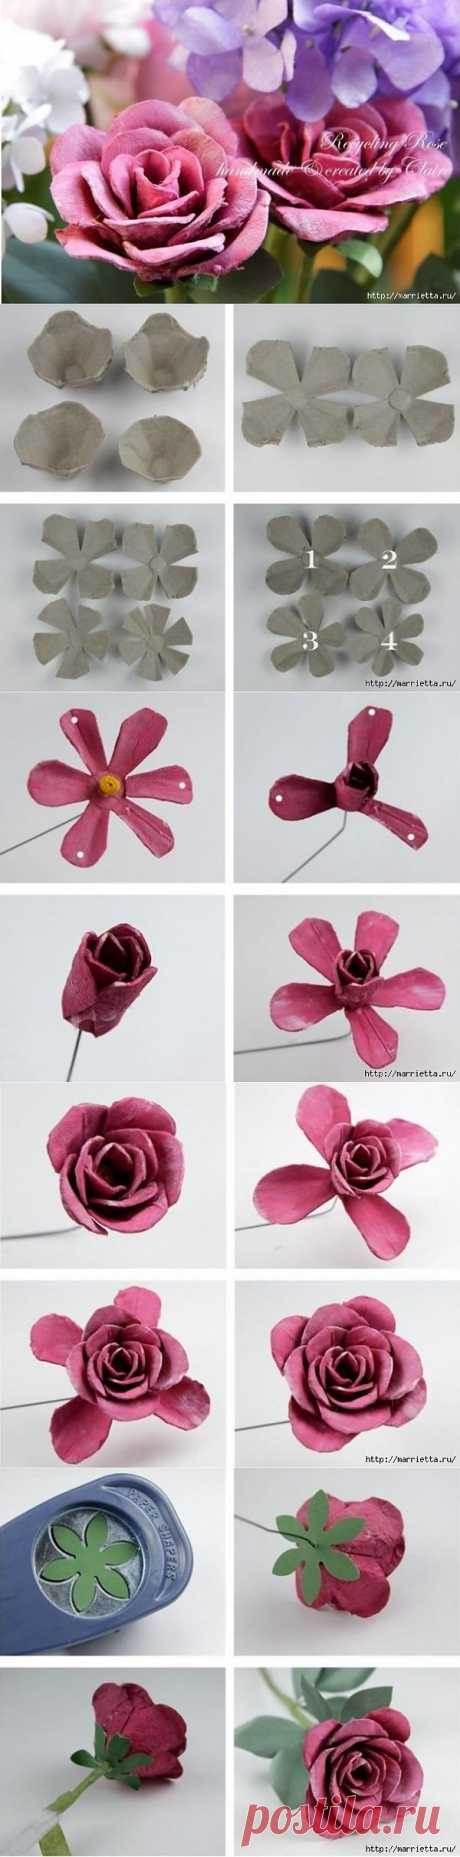 Самые красивые розы из яичных лотков. Мастер-класс.